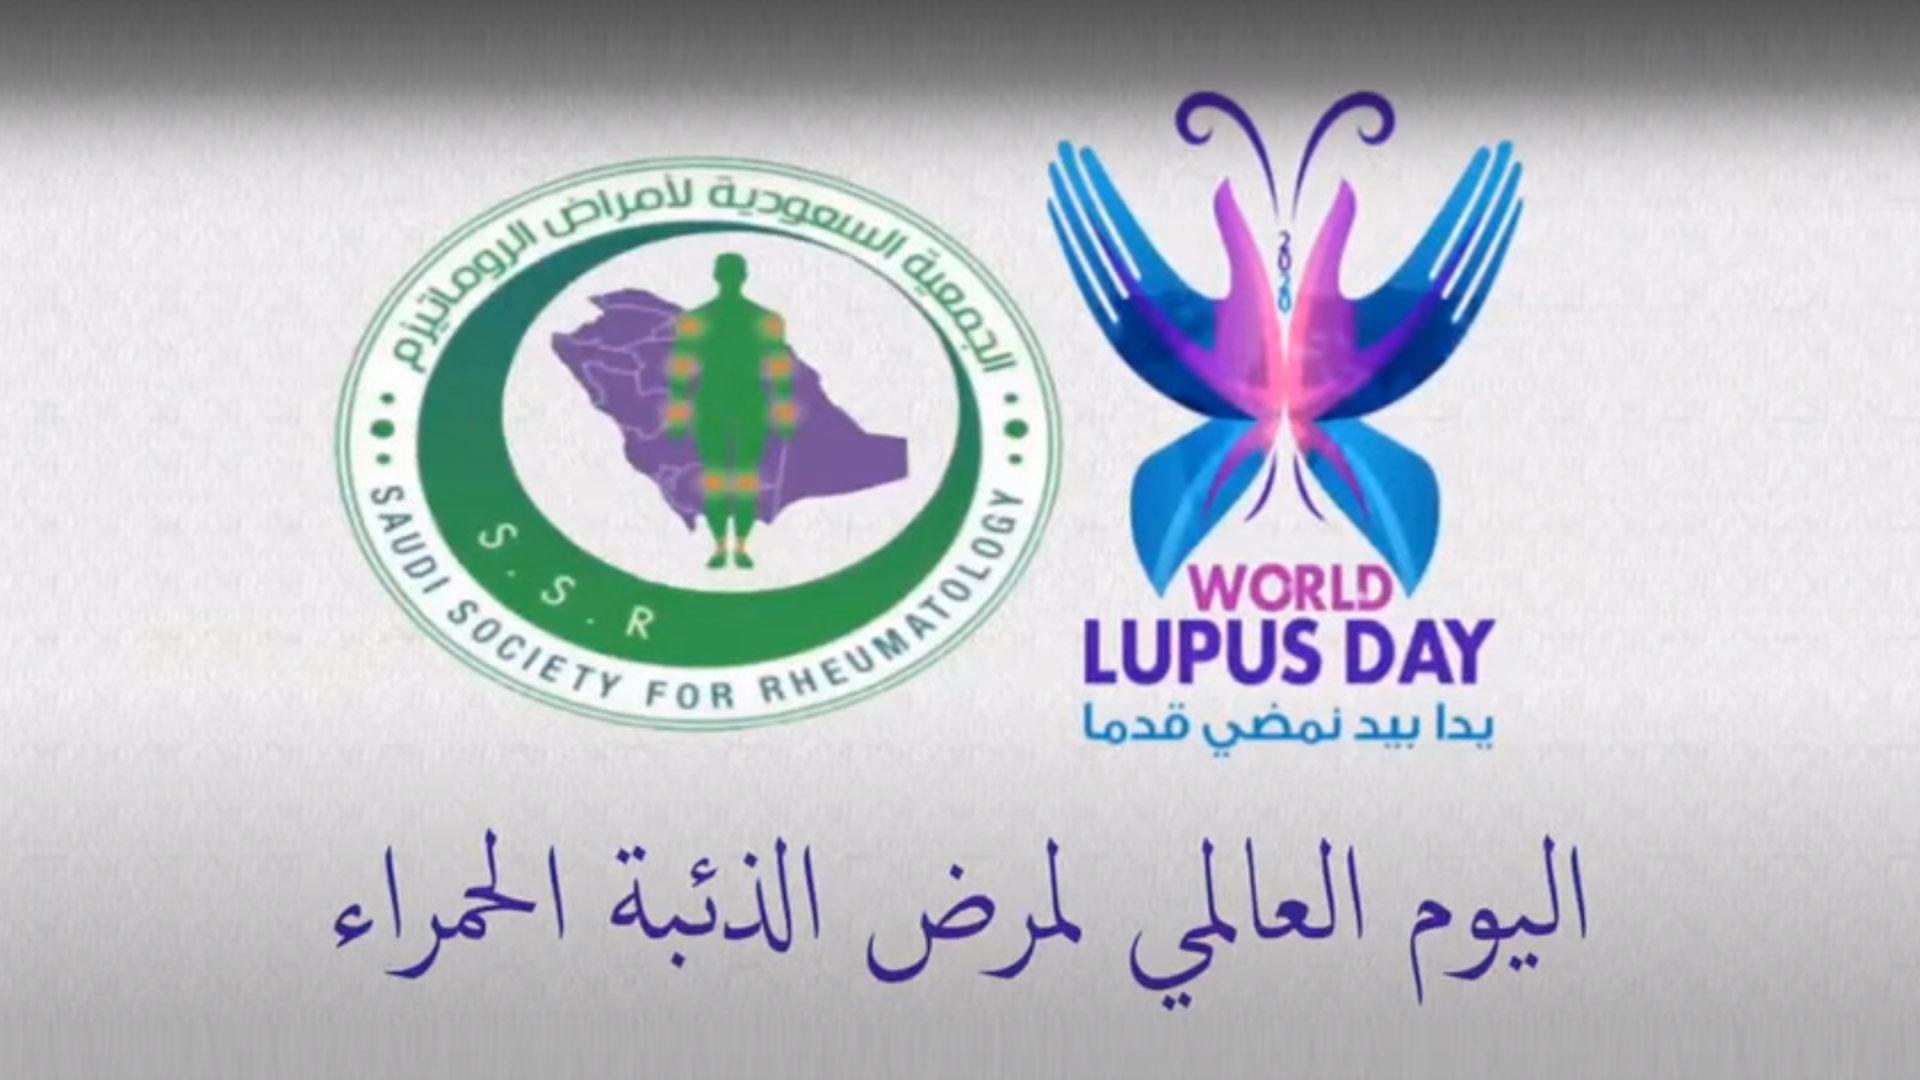 lupus2020